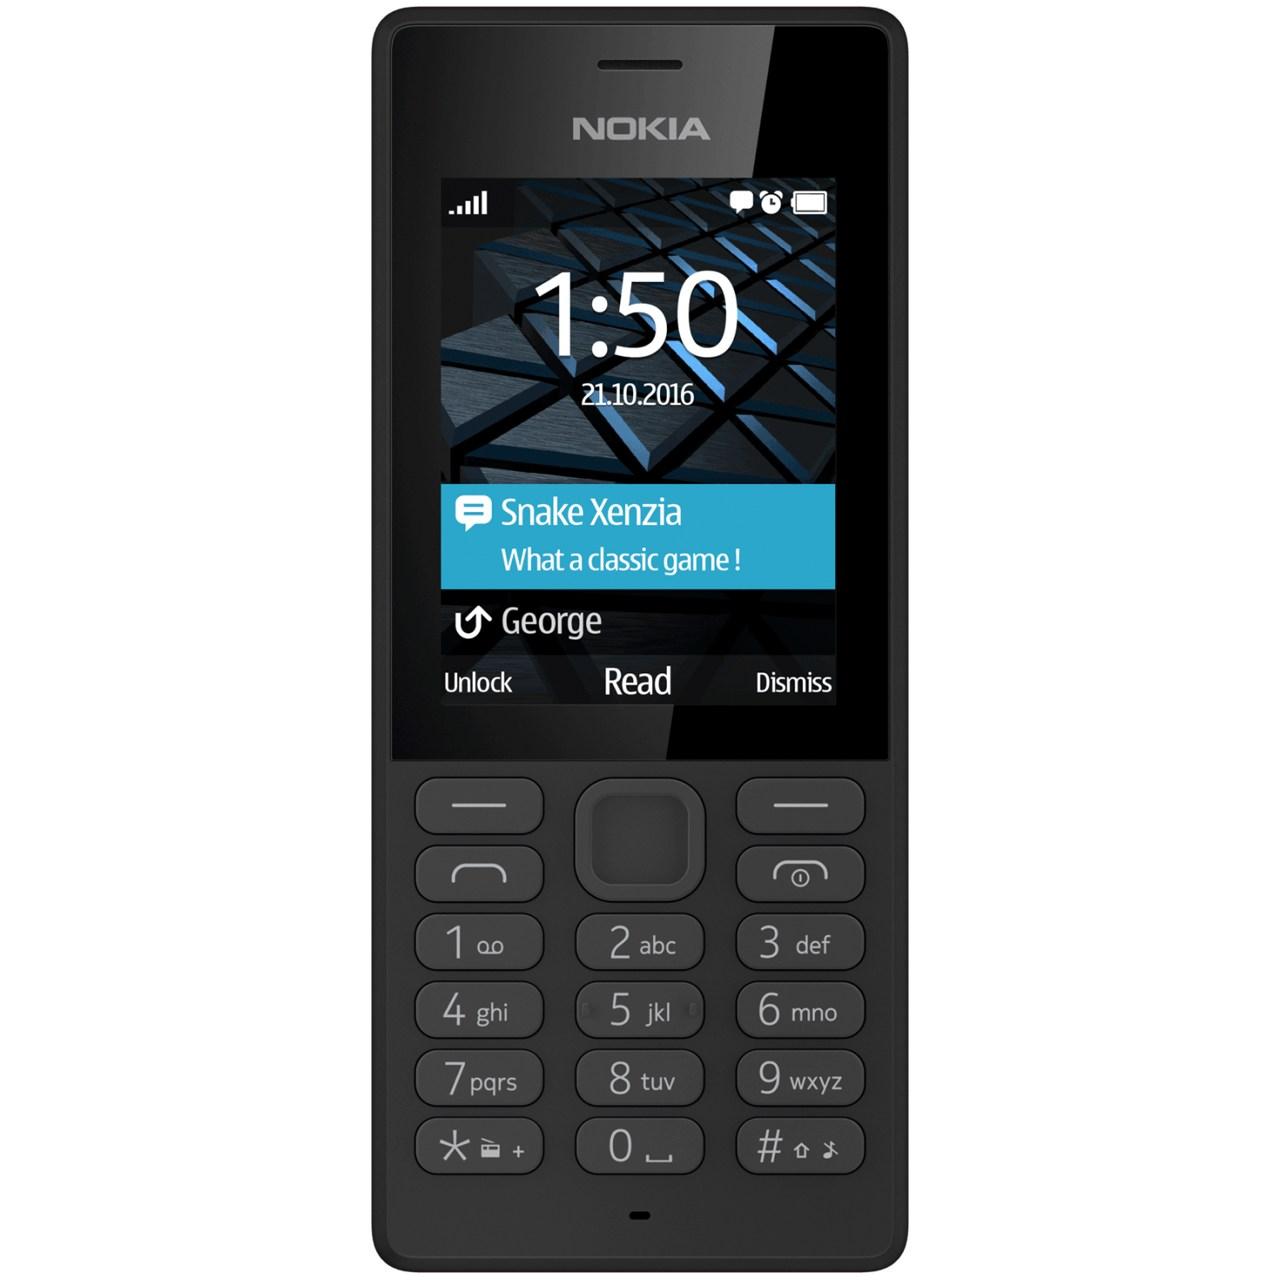 گوشی موبایل نوکیا مدل 150 دو سیم کارت - با برچسب قیمت مصرف کننده